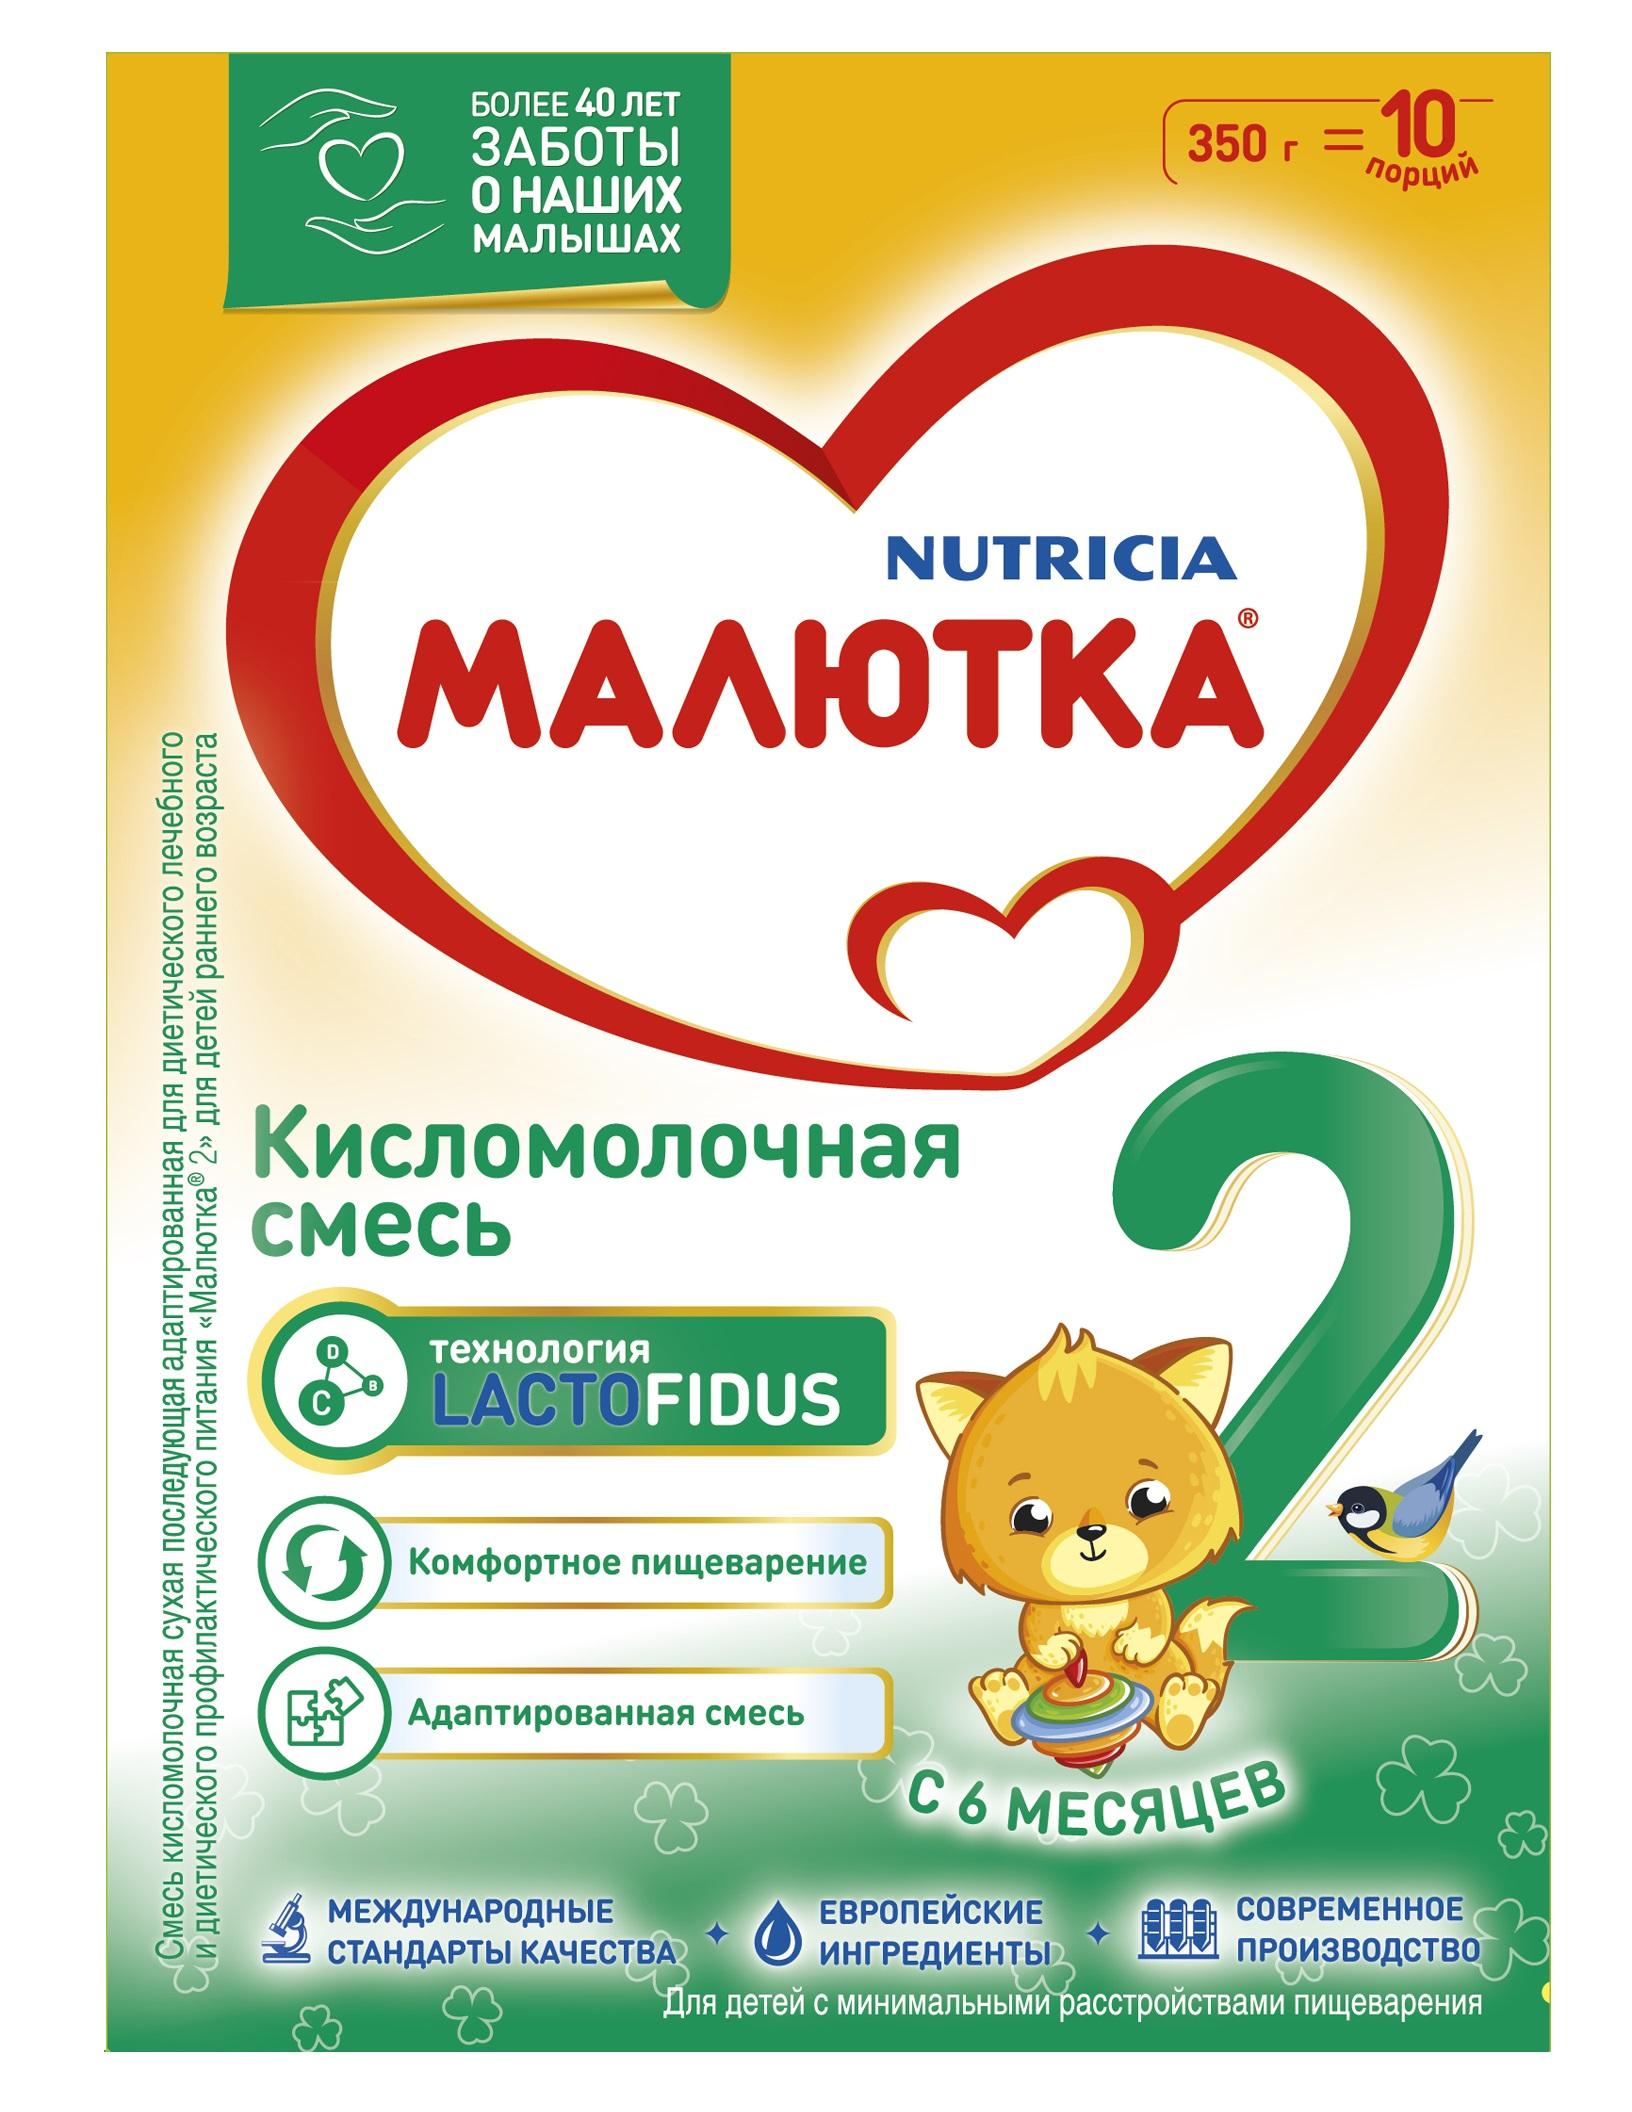 Купить Сухая молочная смесь Малютка Кисломолочная 2, 350гр, Россия